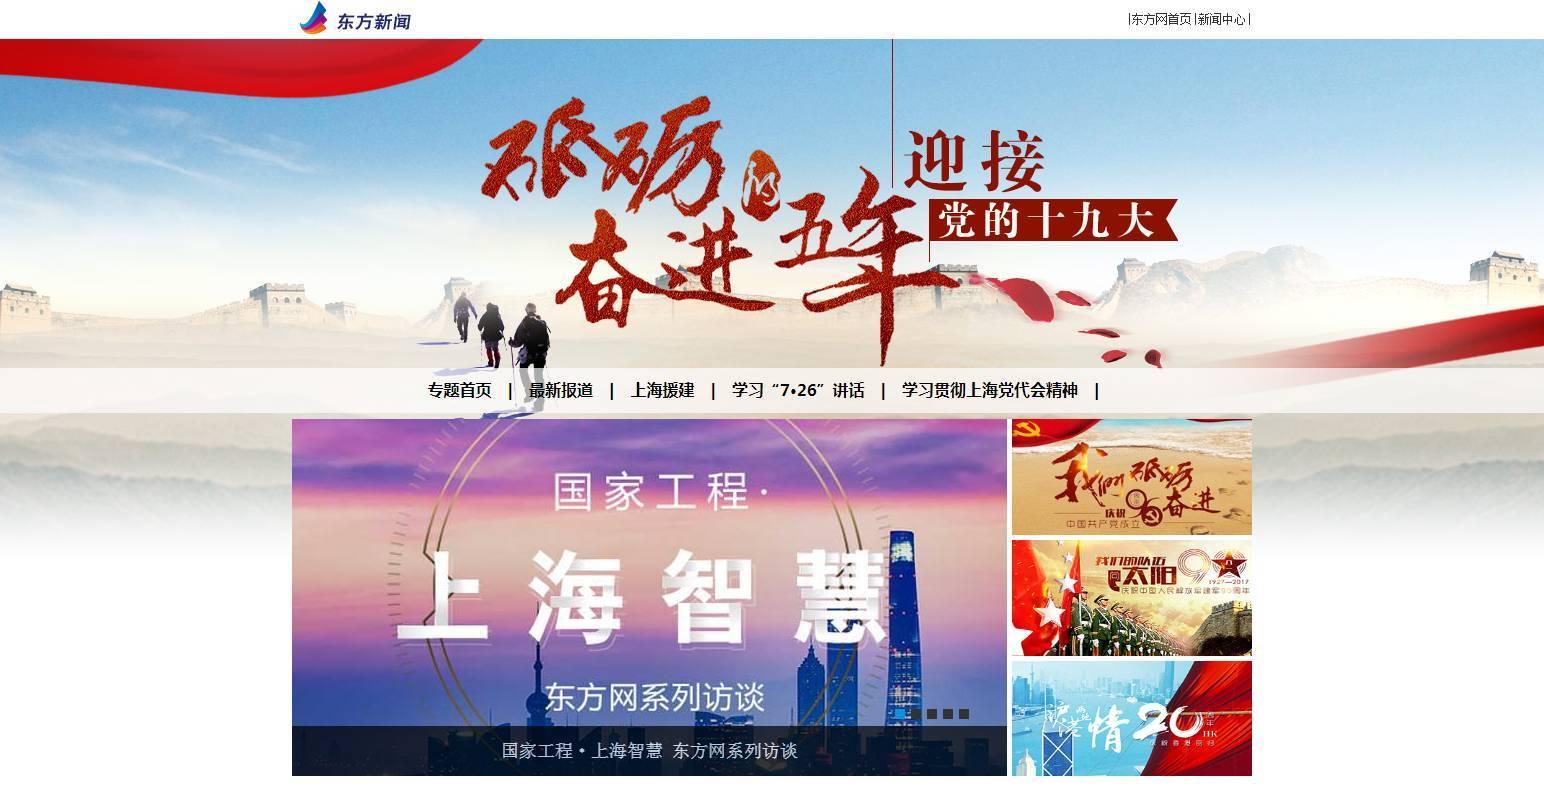 """重点推出""""文化自信,实现中国梦的重要力量"""",专题从习近平总书记的论述"""